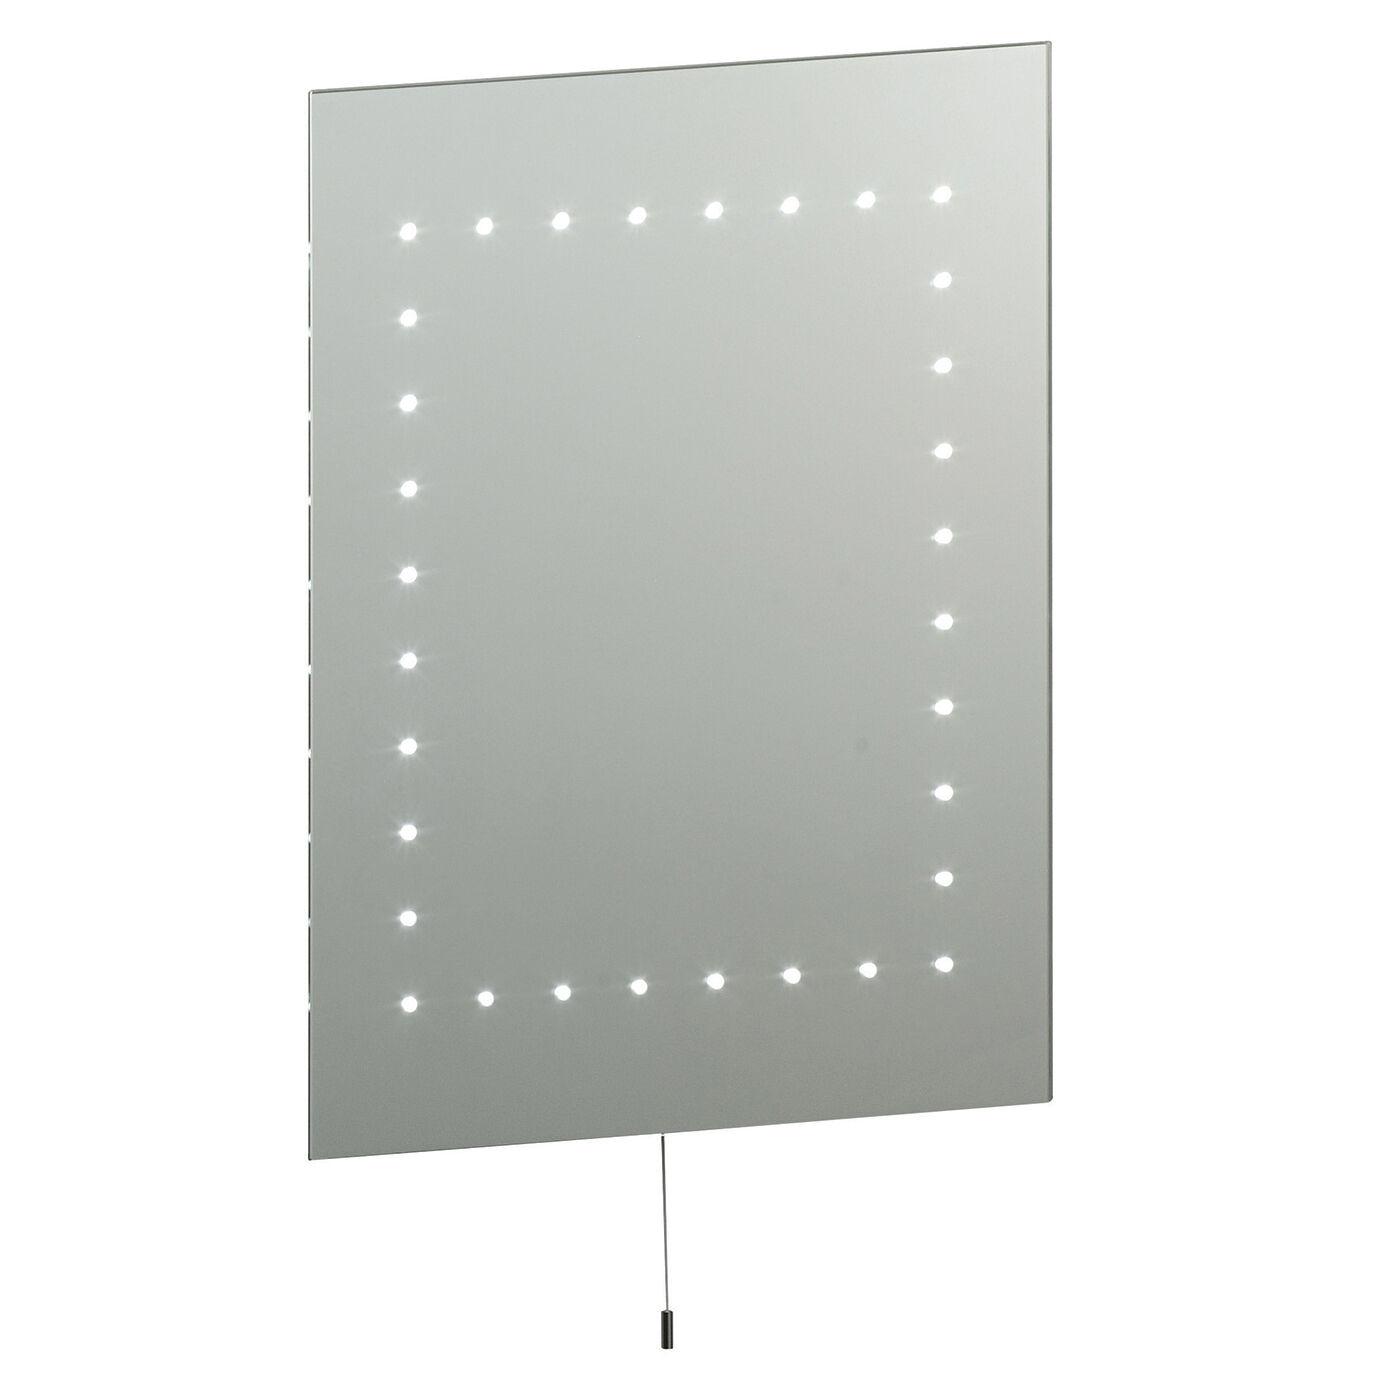 Liberée Mareh Led Miroir Salle de Bain IP44 2.5w Cordon Traction H  500mm